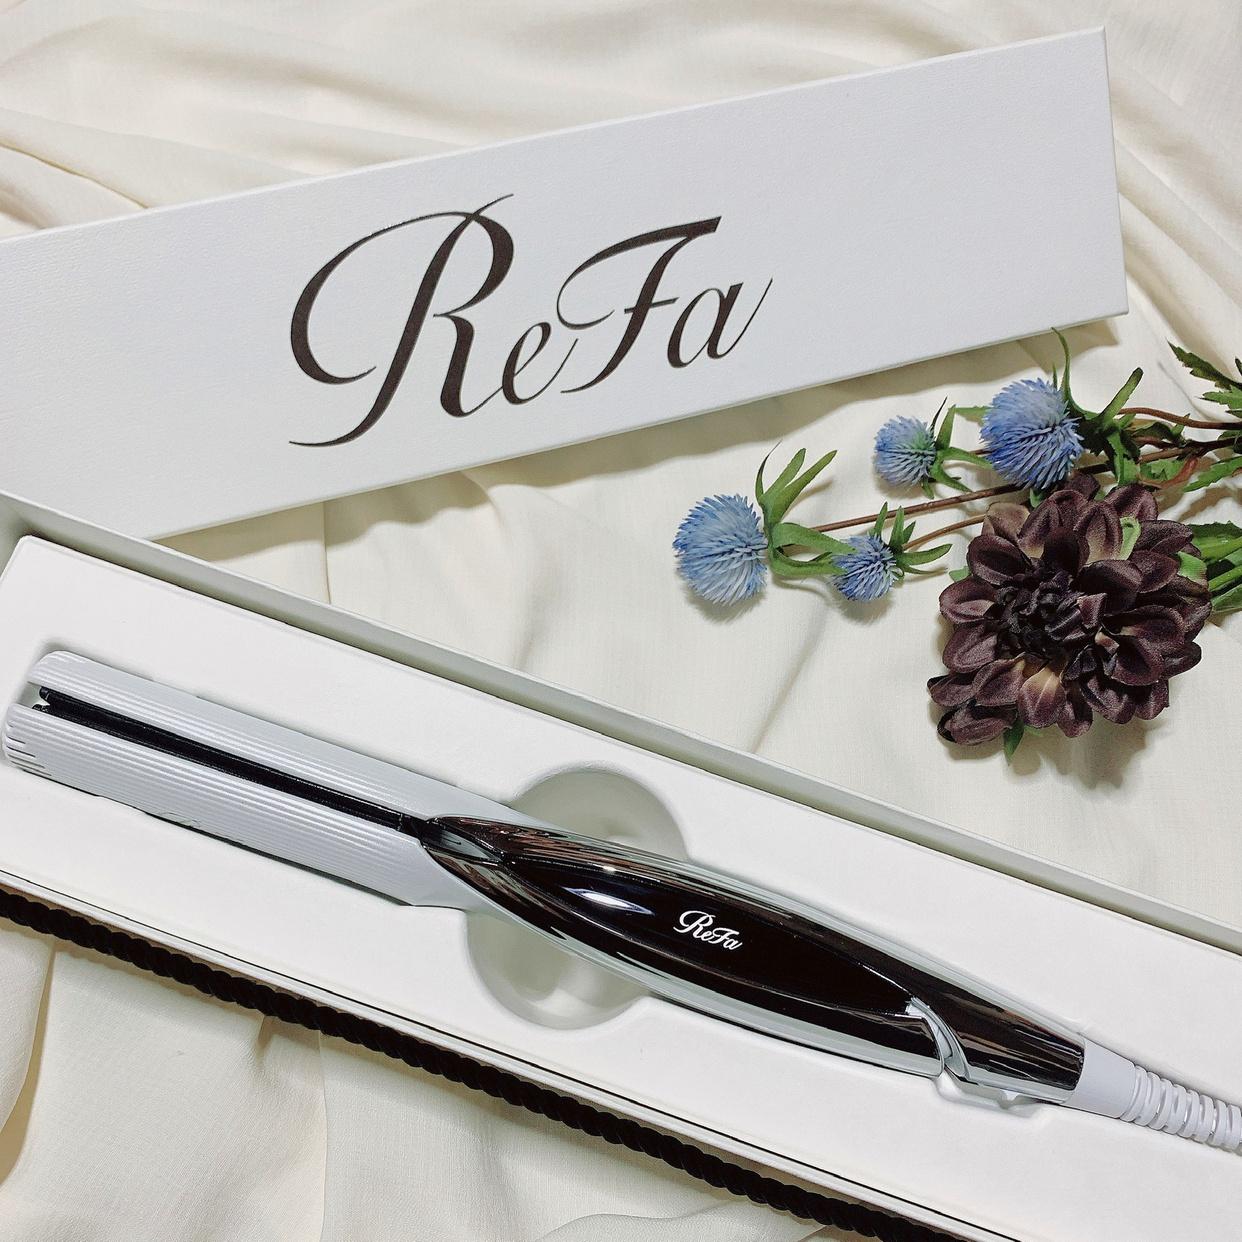 ReFa(リファ)ビューテック ストレート アイロンを使ったちゃみさんのクチコミ画像1